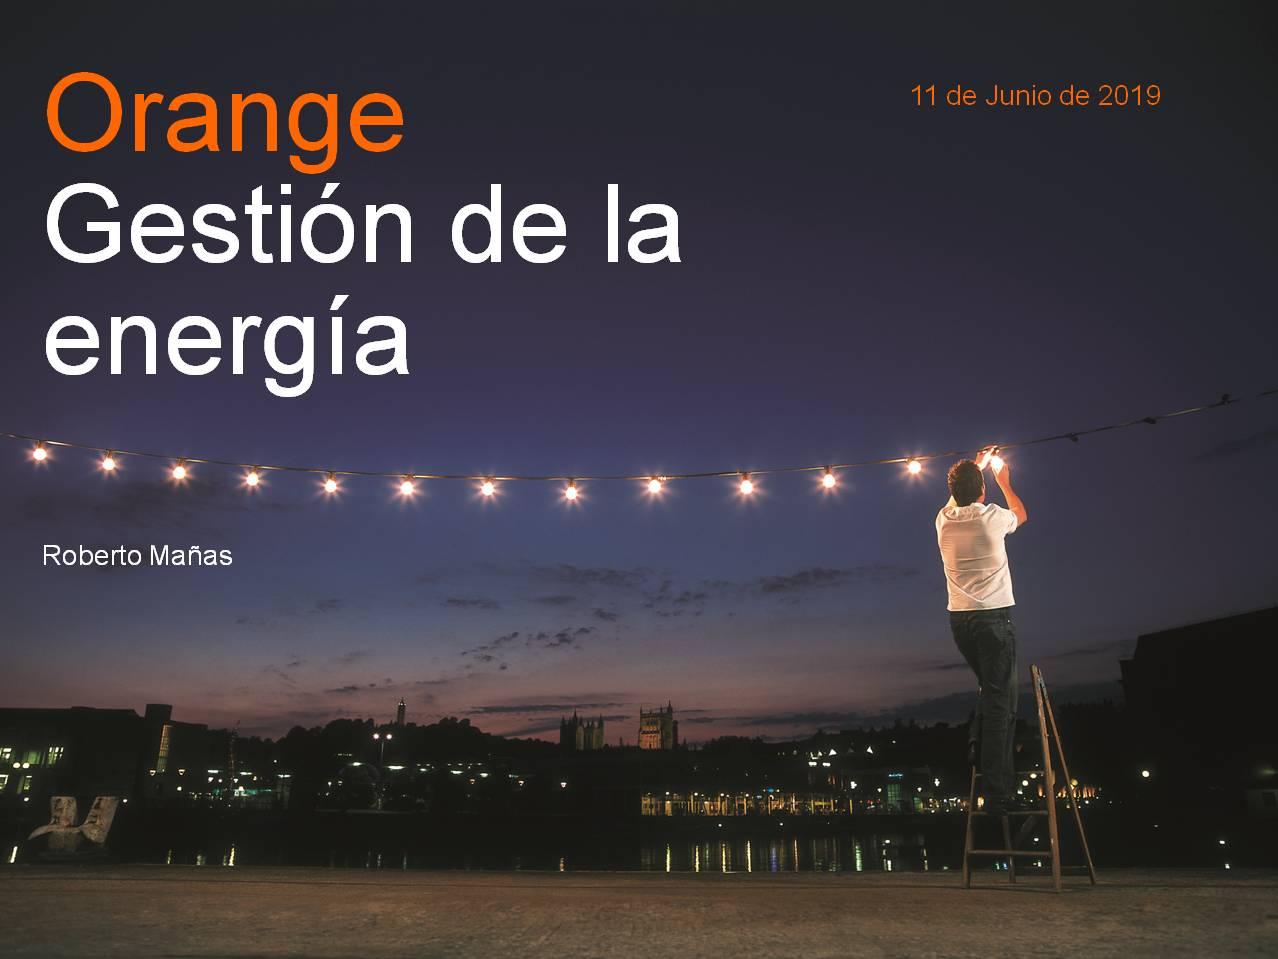 Orange gestión de la energía